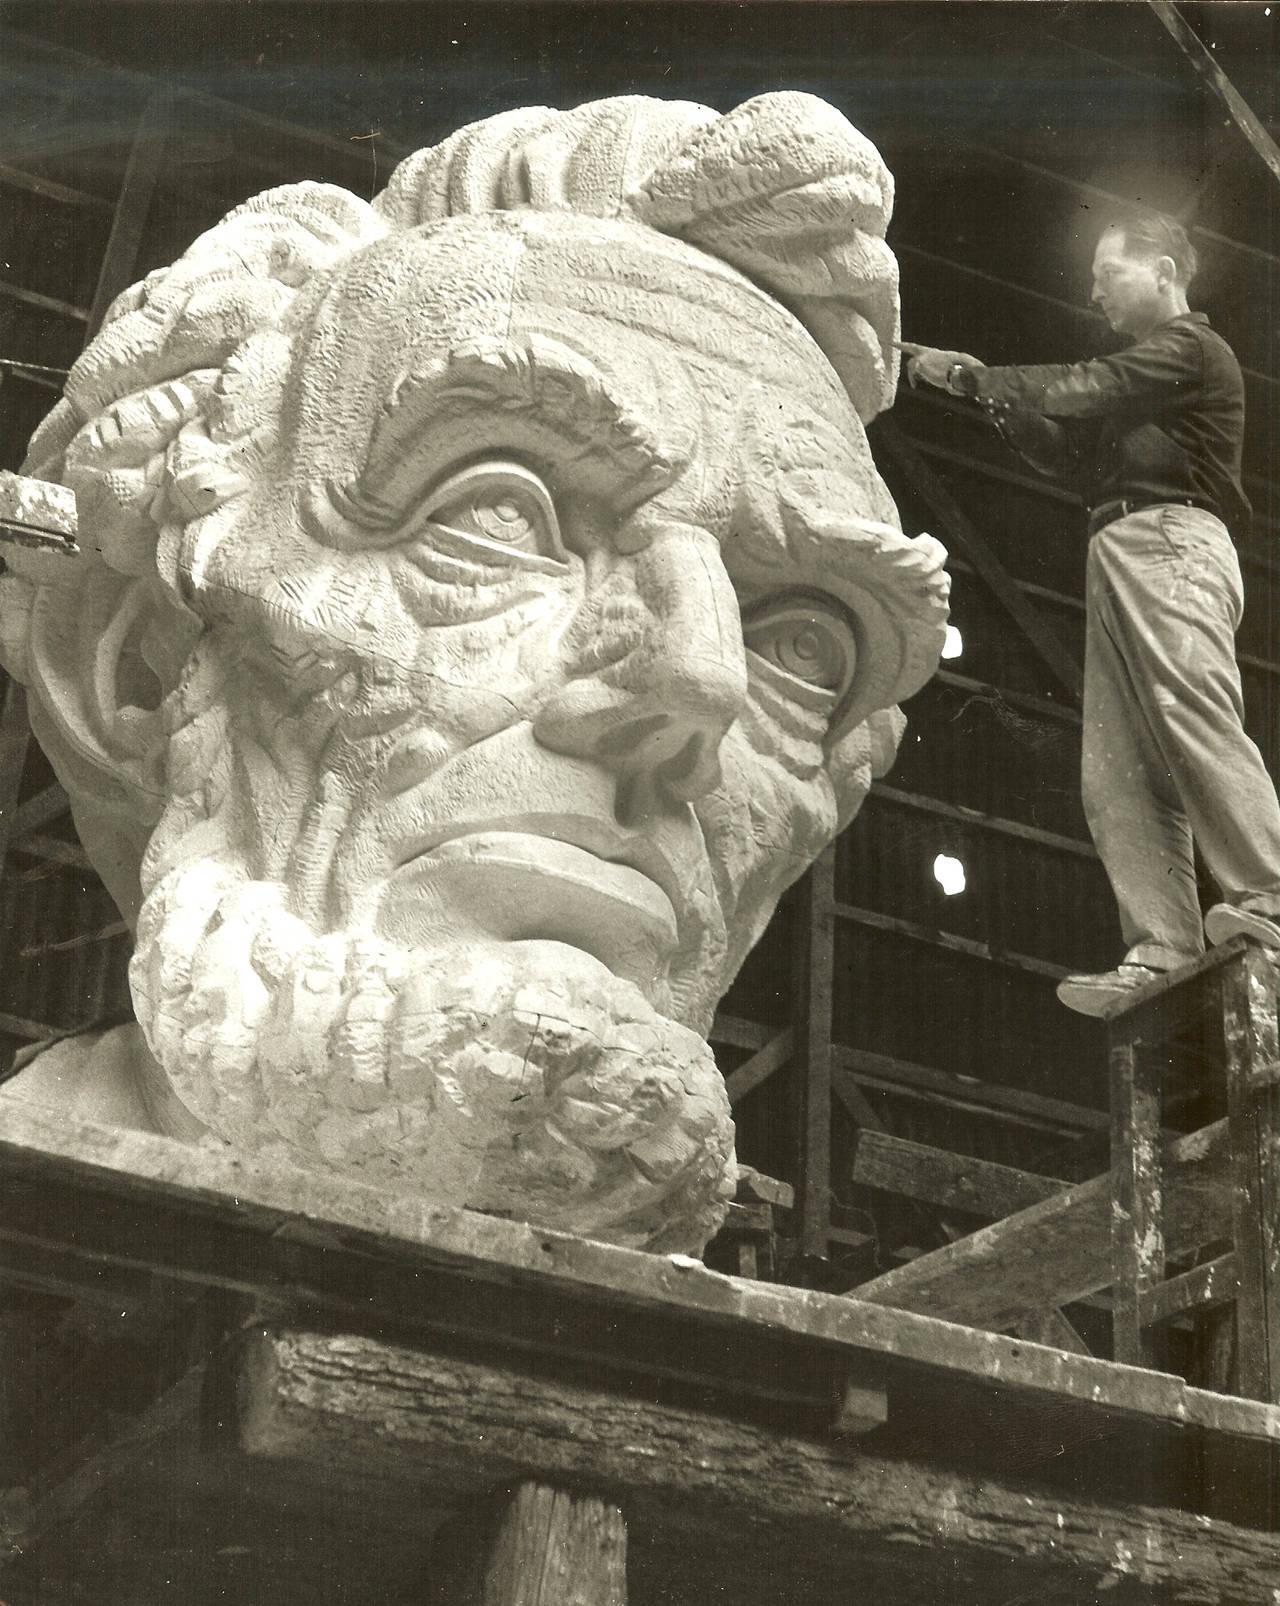 How Fair is Thy Love - Modern Sculpture by Robert Russin